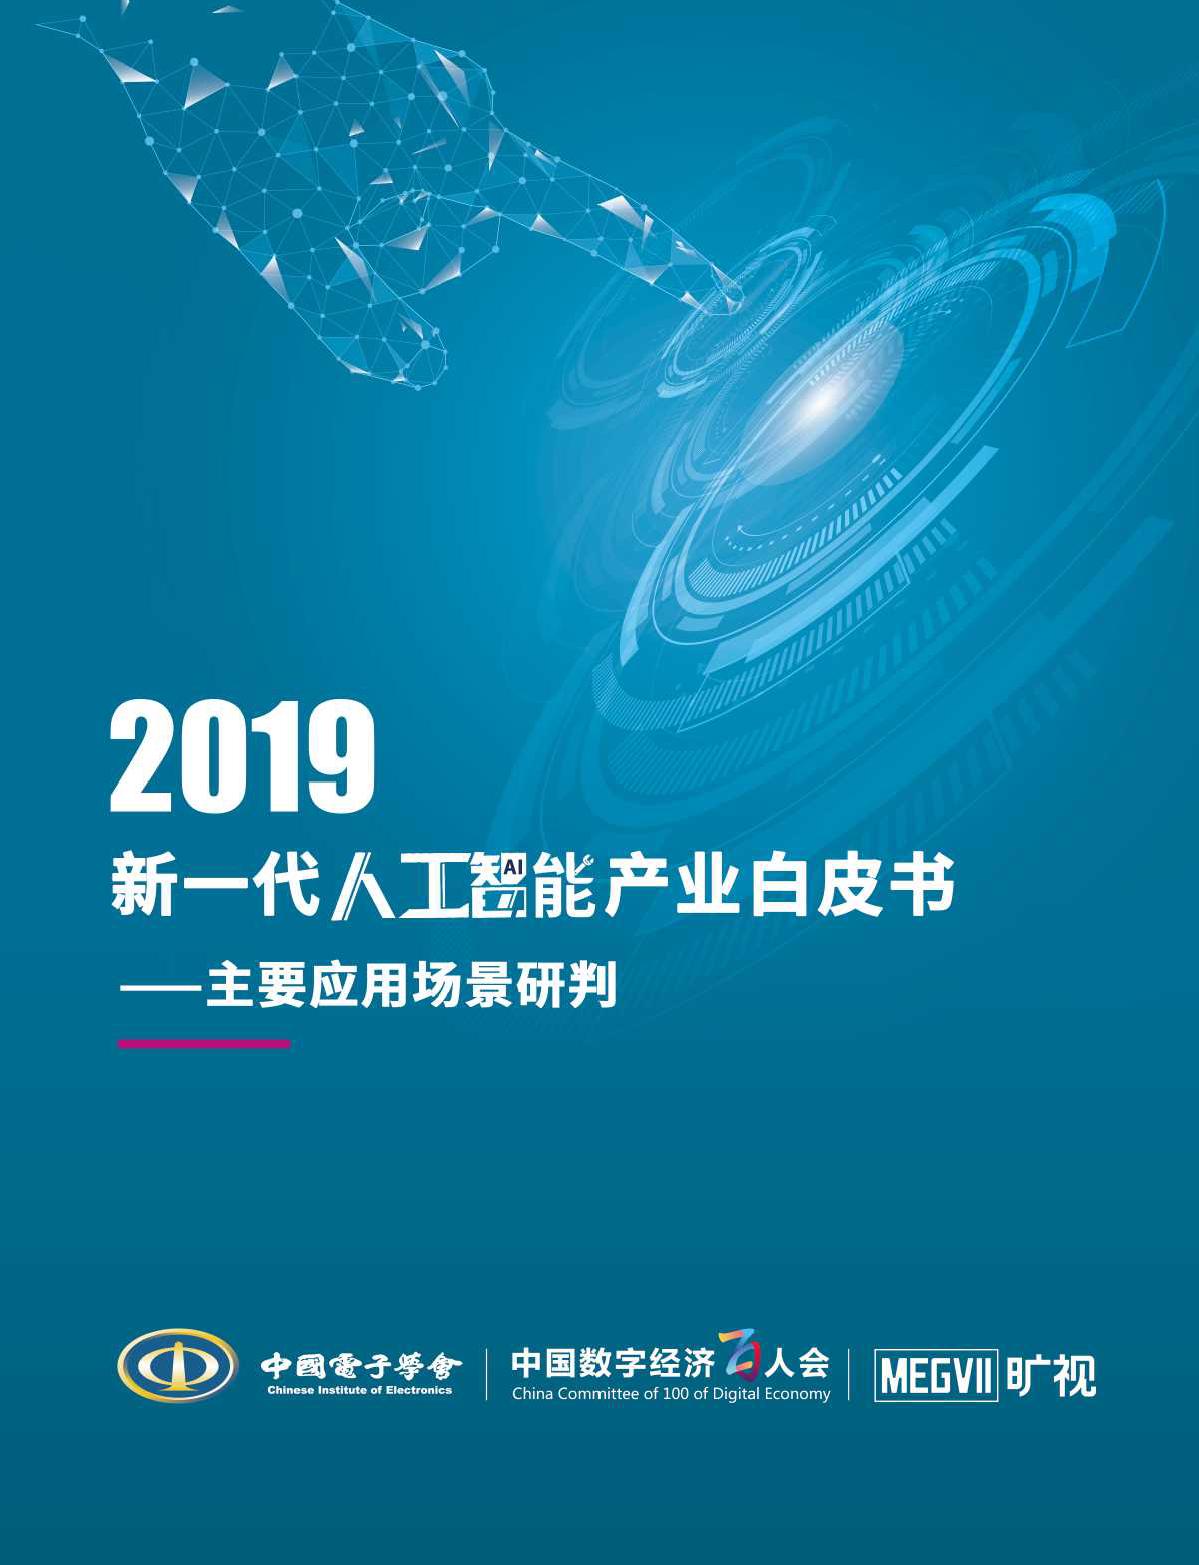 中国电子学会:2019年新一代人工智能产业白皮书